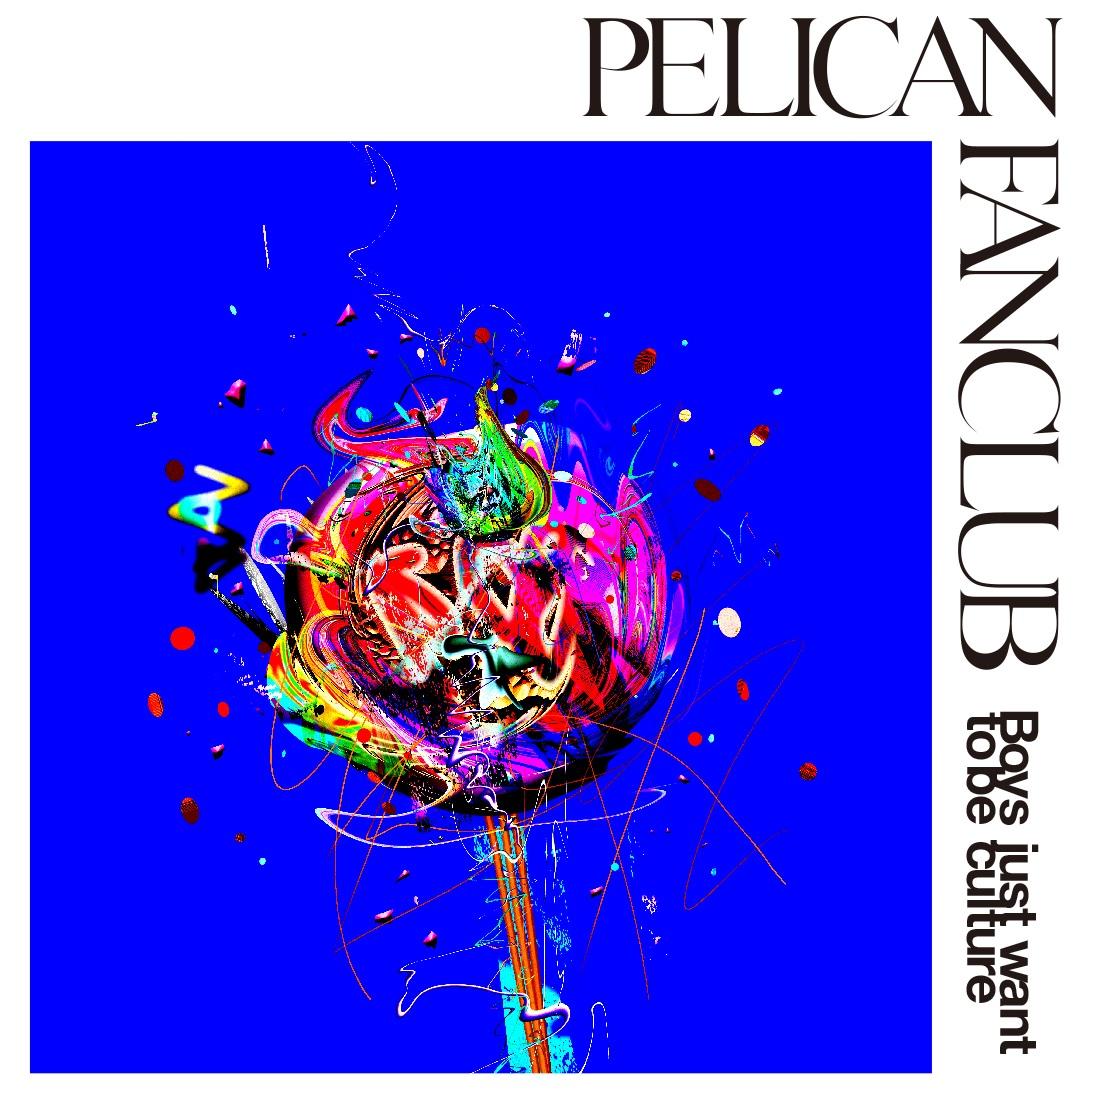 PELICAN FANCLUB、メジャーデビュー作の収録内容&ジャケットアートワークが公開